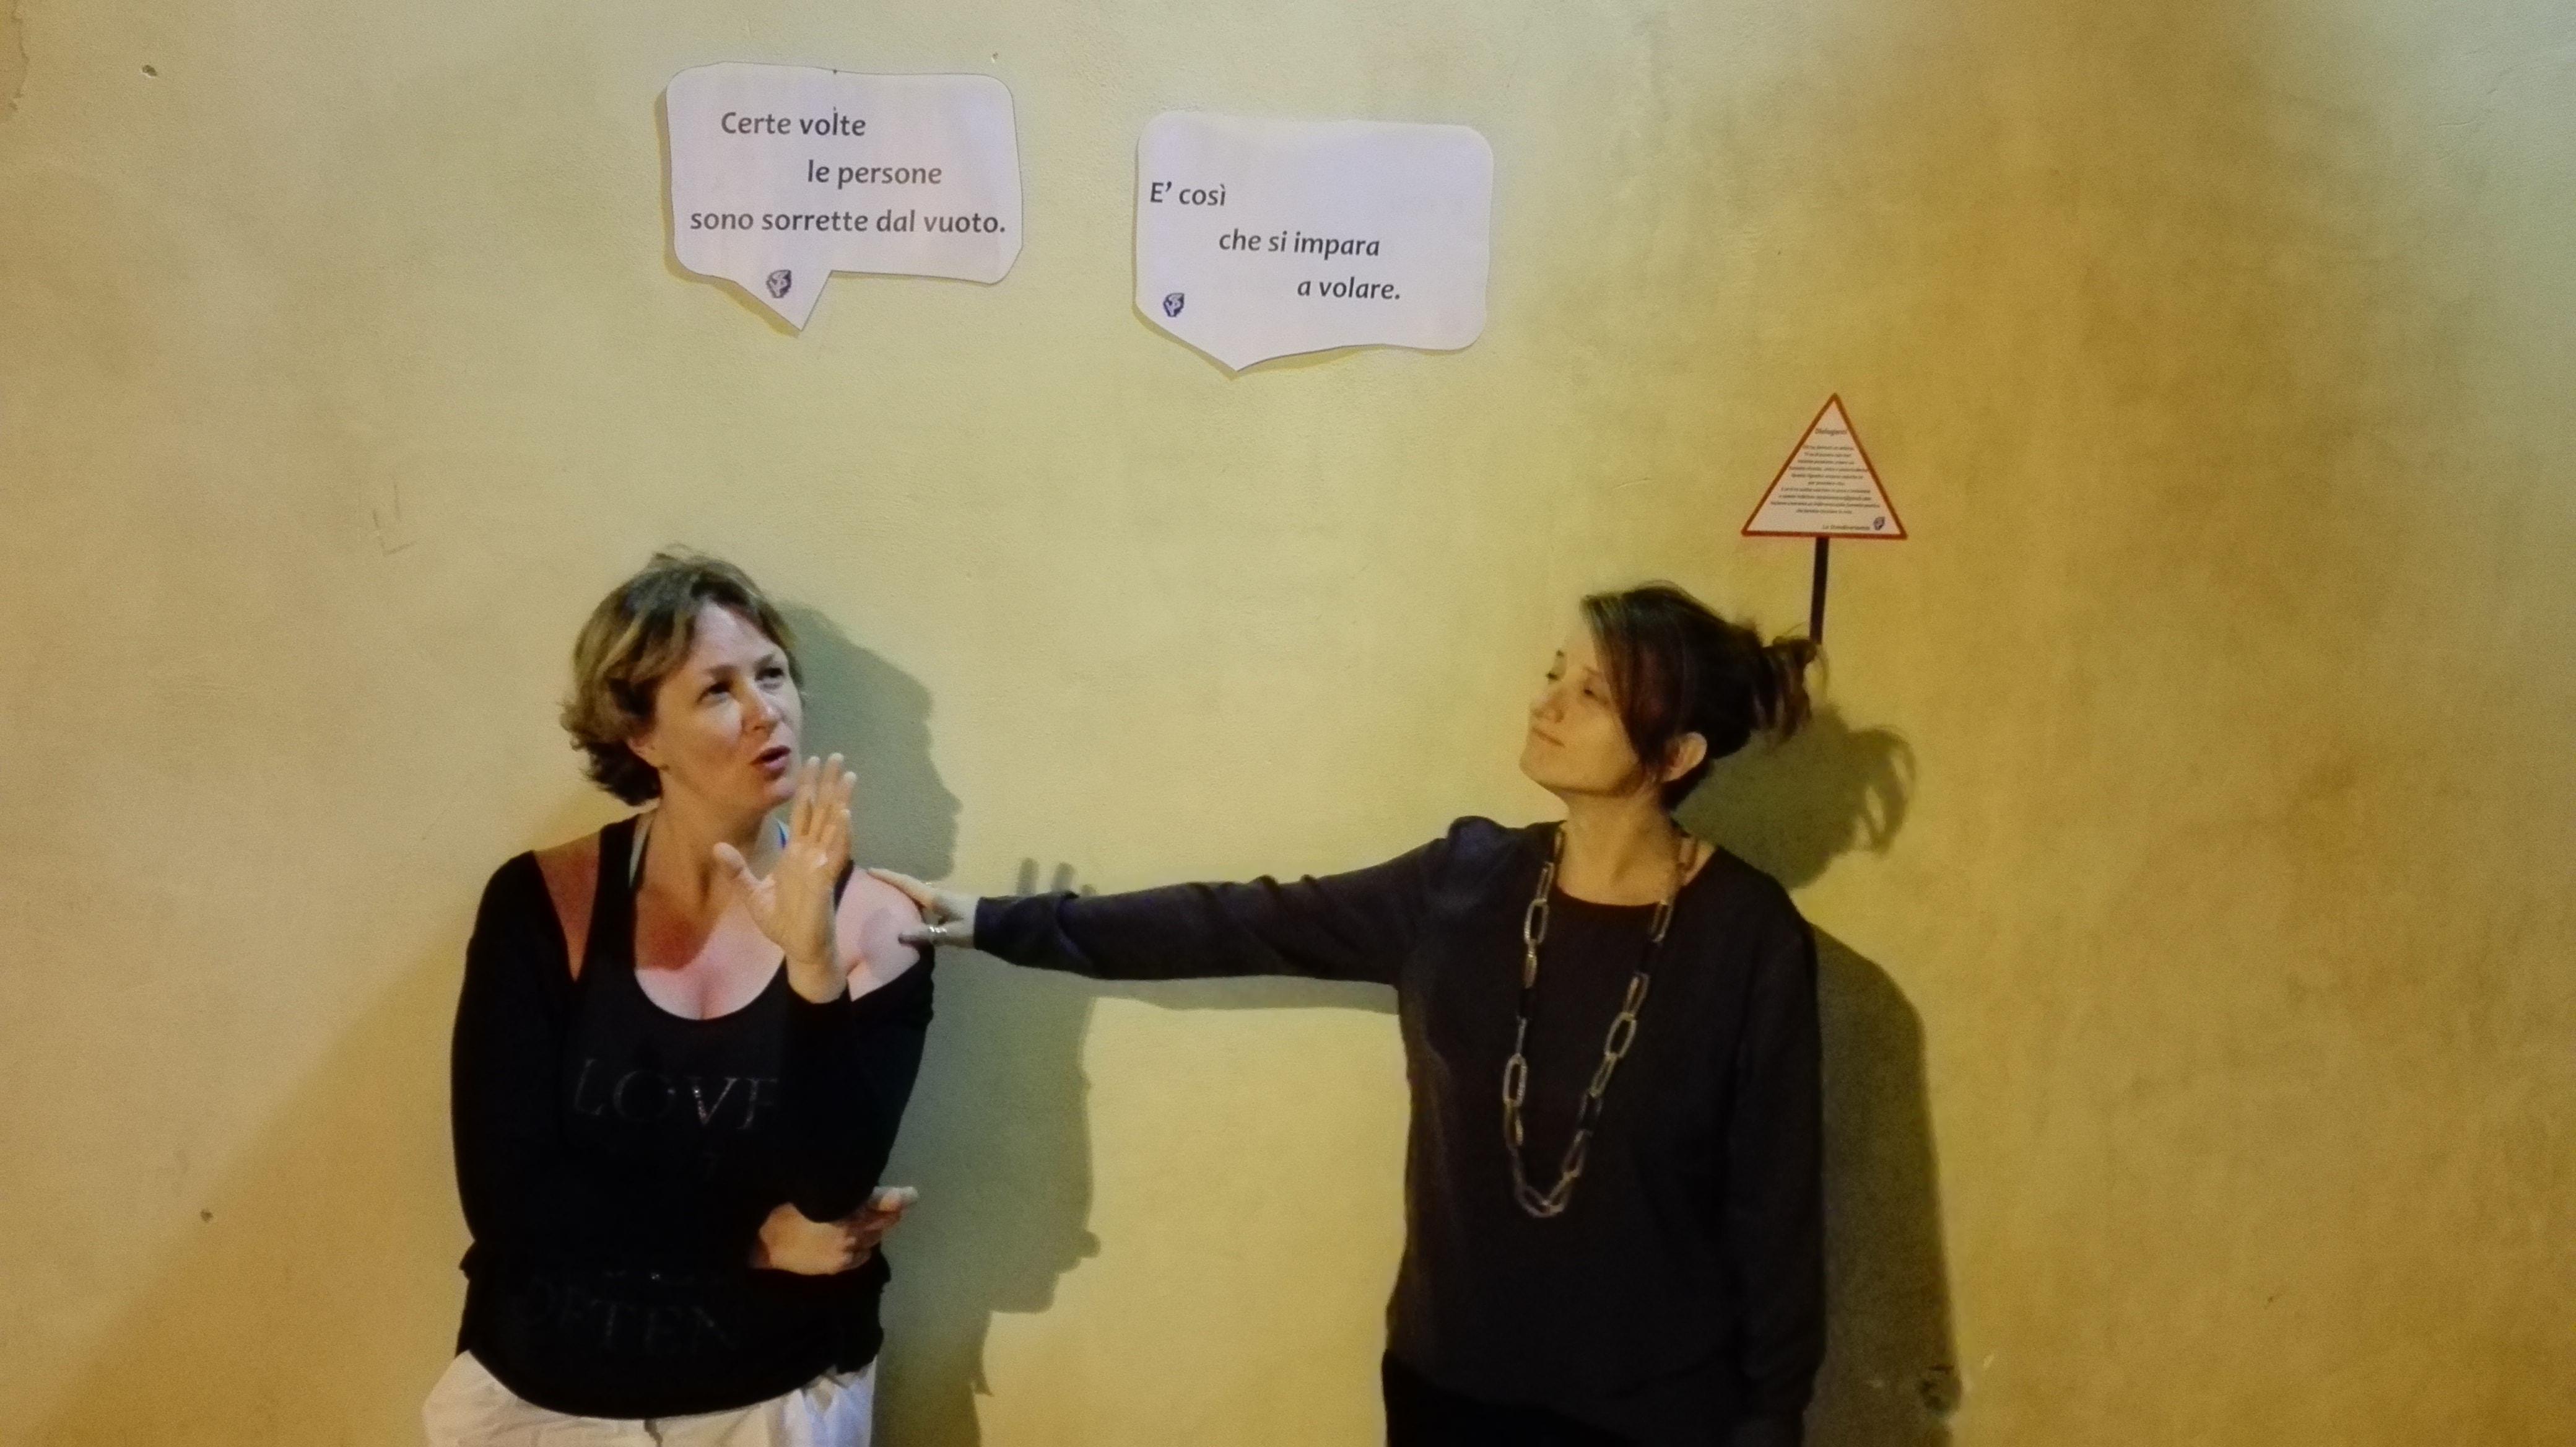 Voli dalle vignette poetiche di Otranto